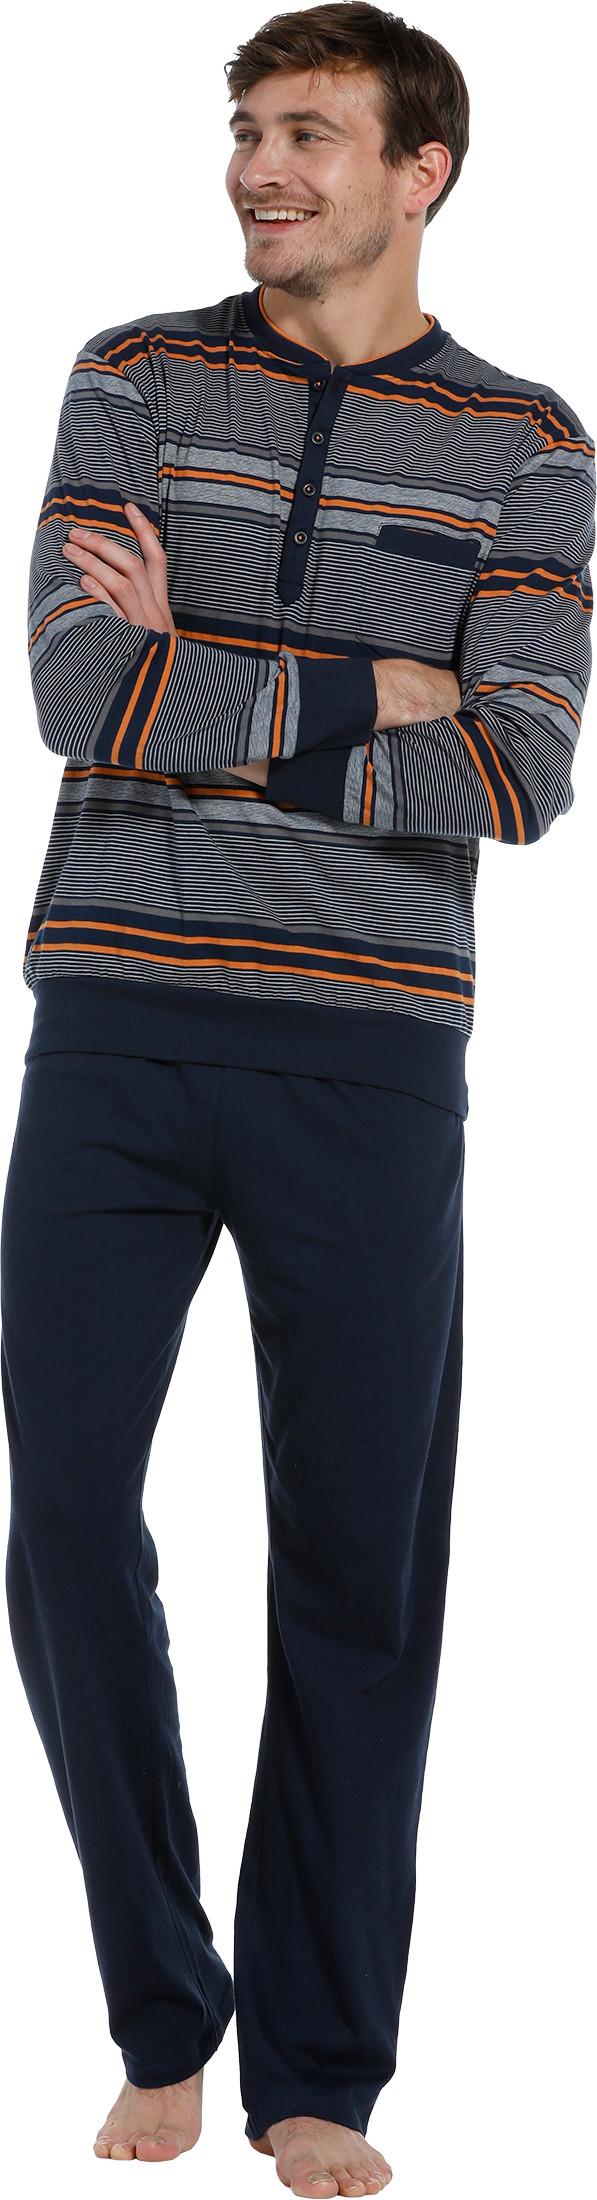 Heren pyjama Pastunette 23202-638-4-S/48